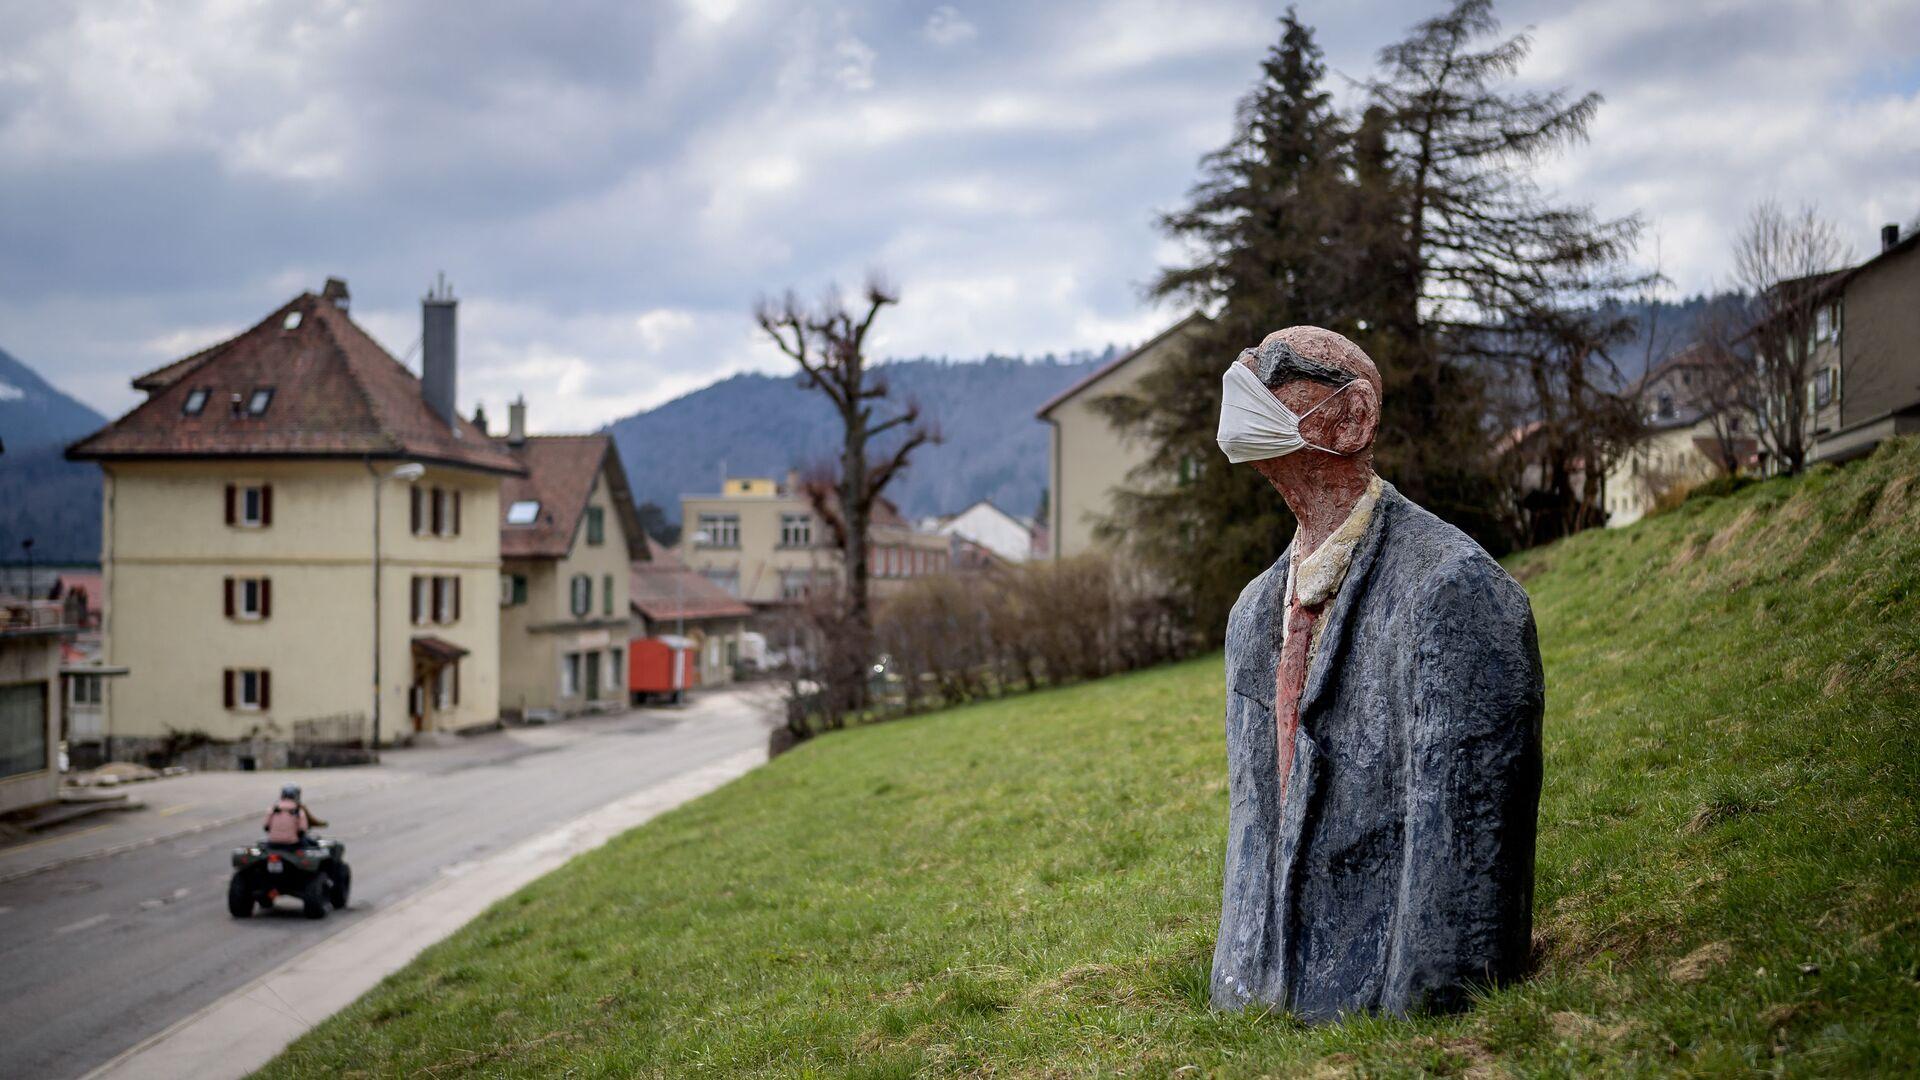 Statua di uomo con mascherina a Sainte-Croix, in Svizzera - Sputnik Italia, 1920, 24.04.2021